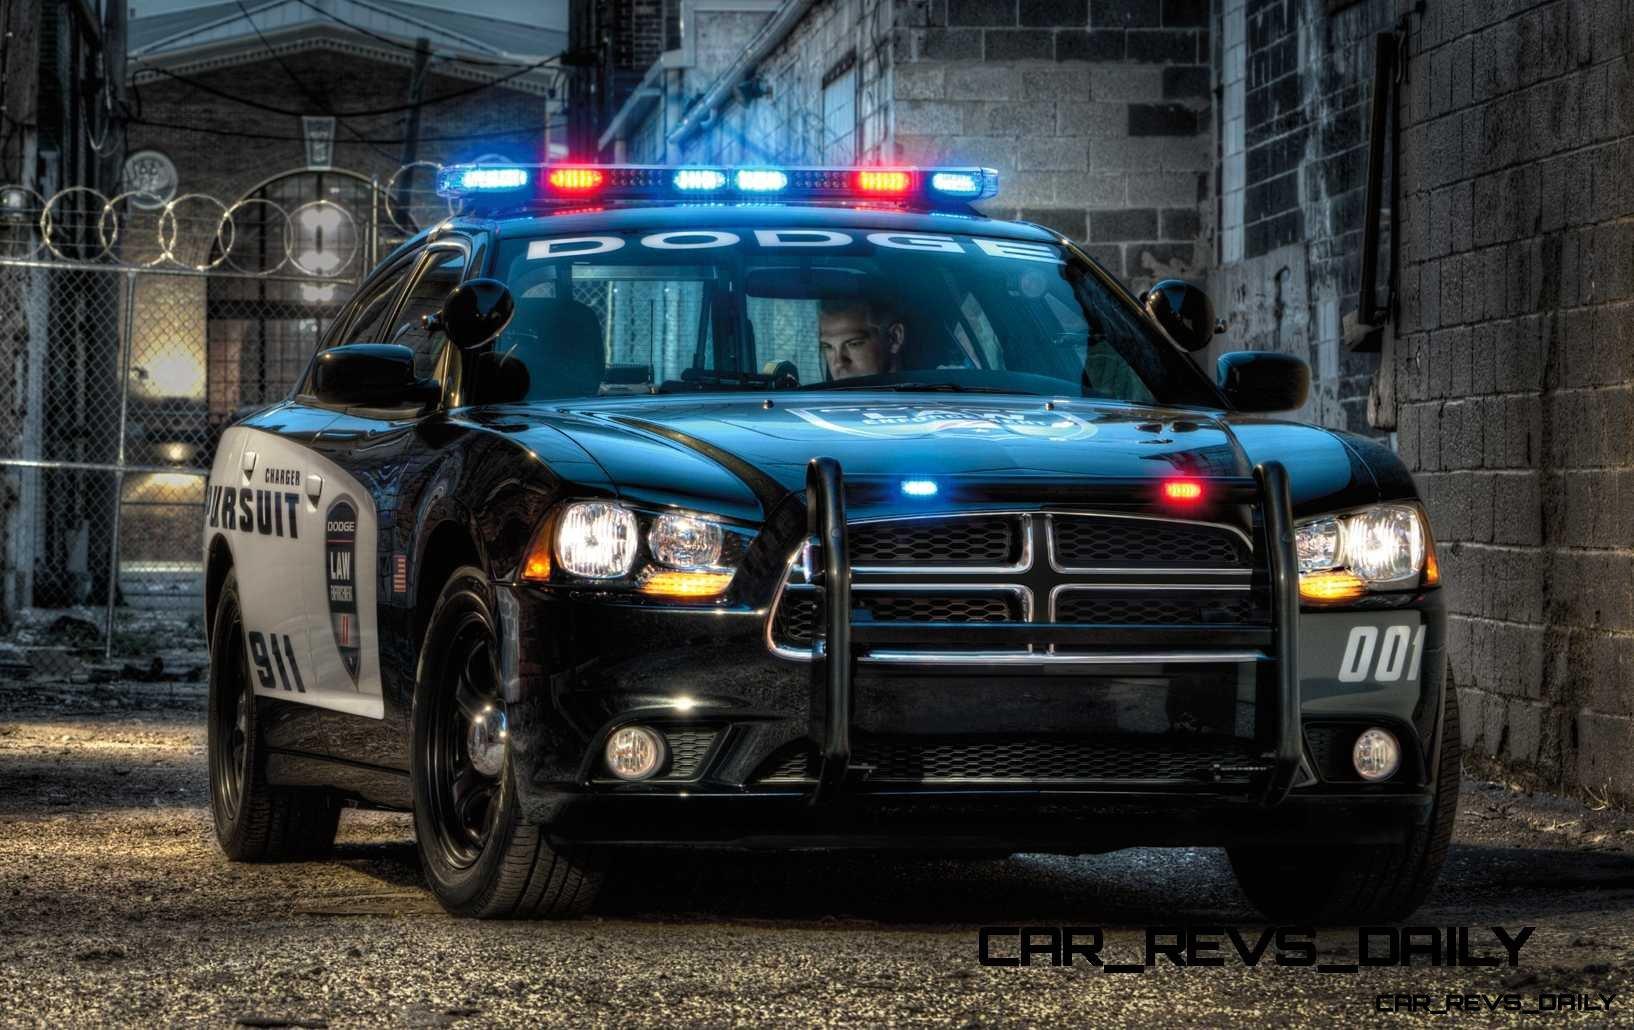 2015 dodge charger pursuit is coolest standard issue highway patrol car ever. Black Bedroom Furniture Sets. Home Design Ideas